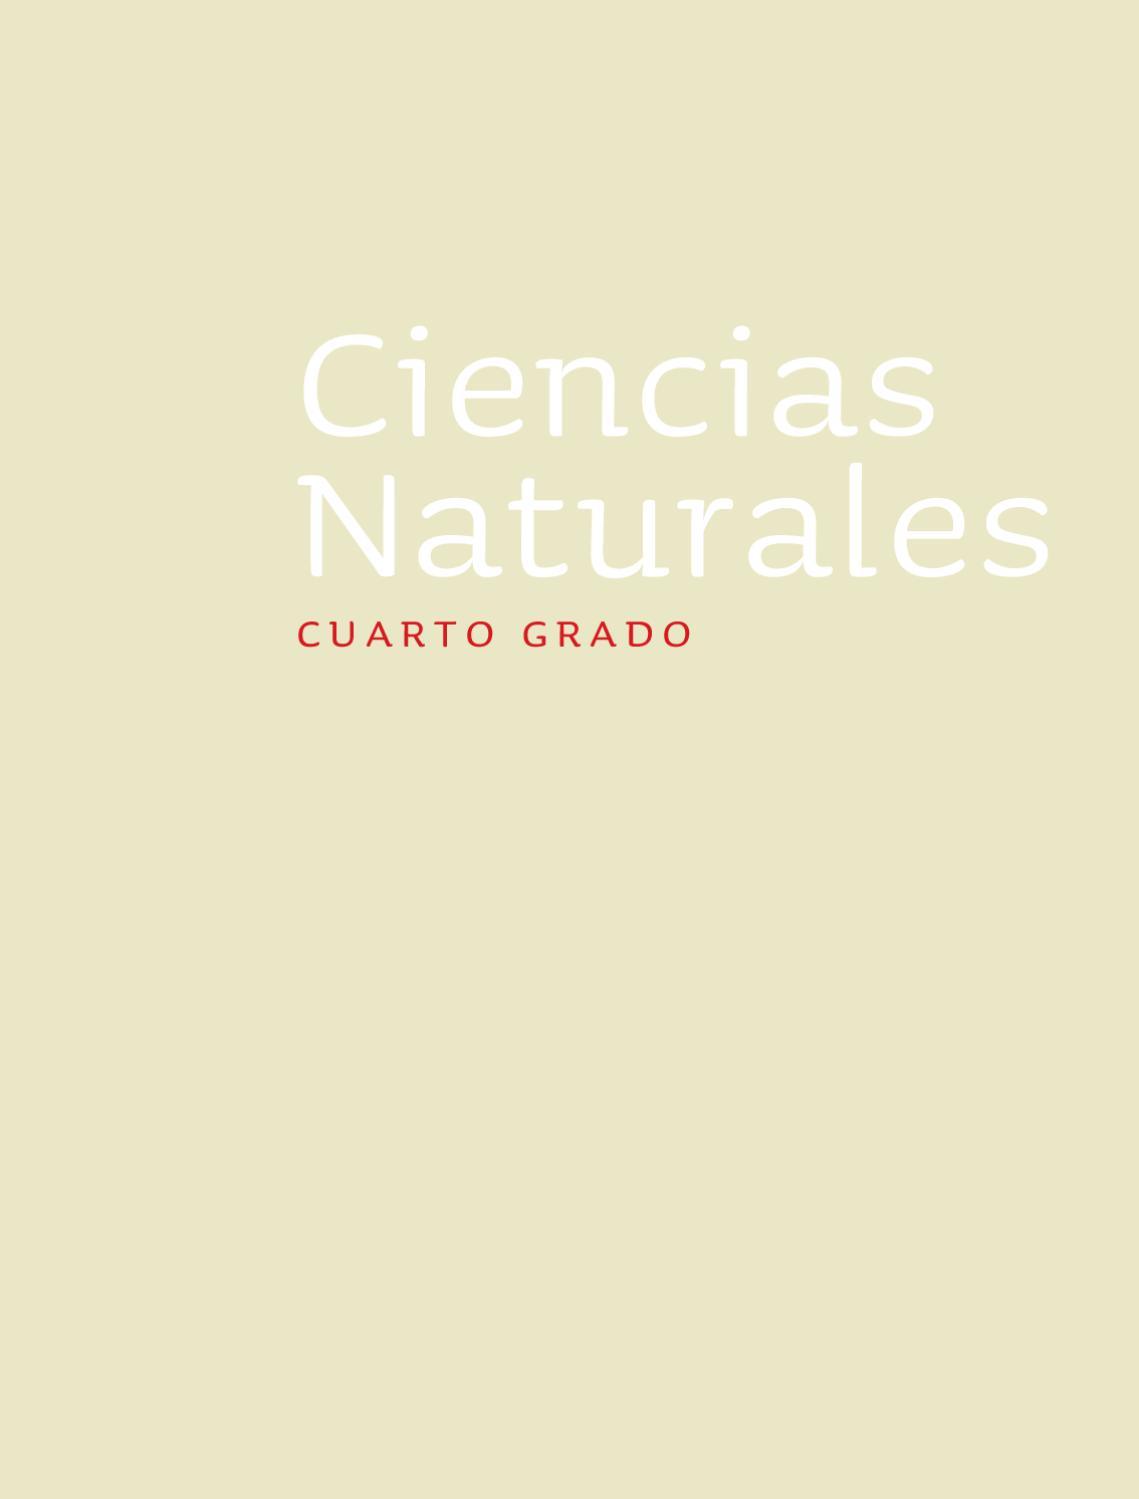 Ciencias Naturales 4to. Grado by Rarámuri - issuu